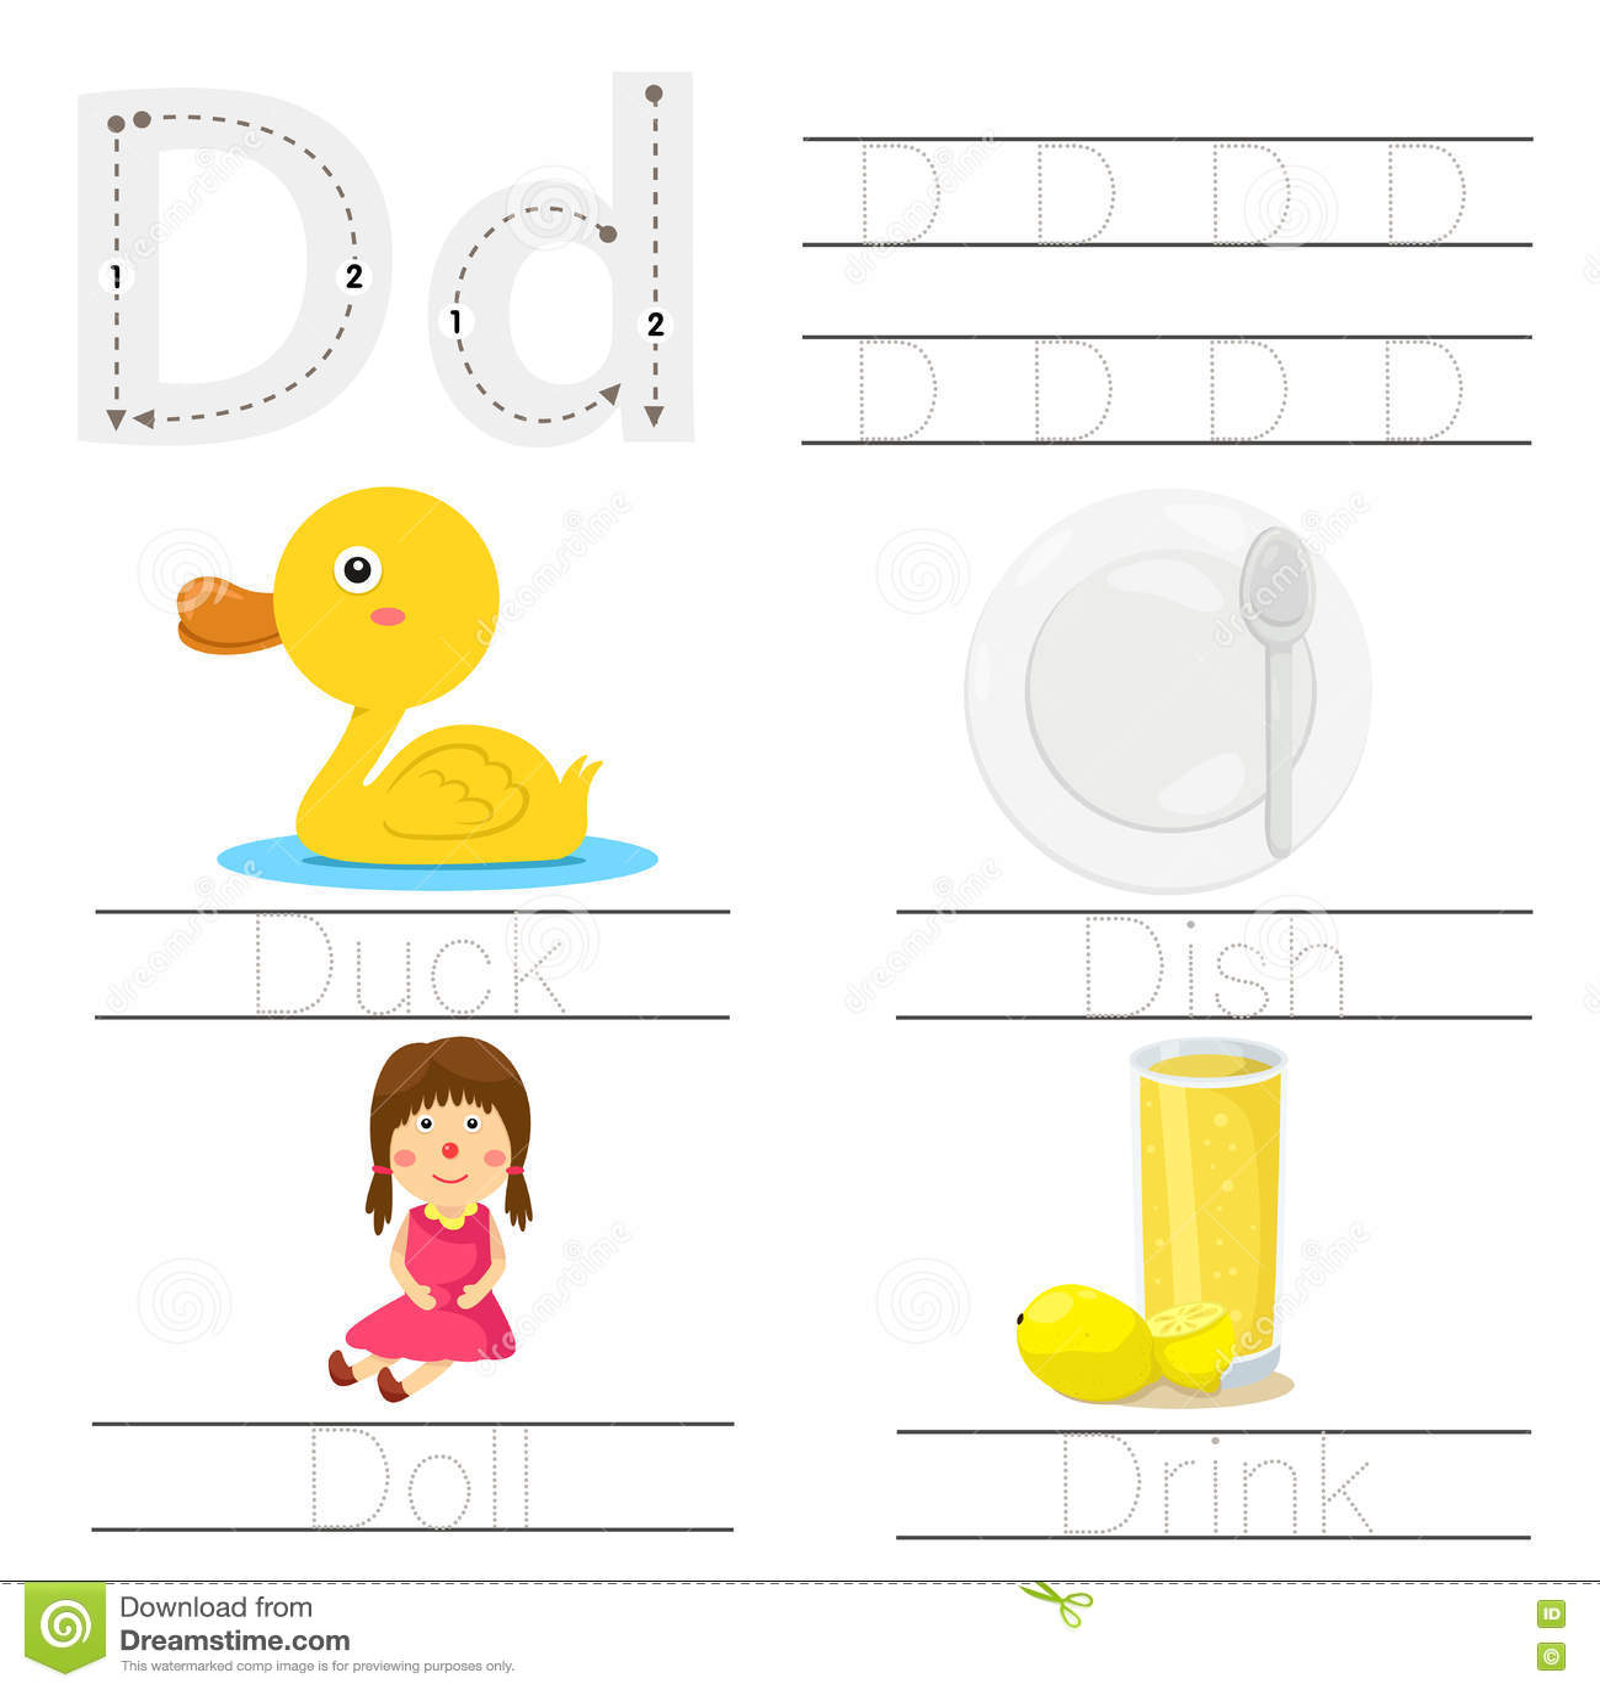 Illustrator Of Worksheet For Children D Font Stock Vector